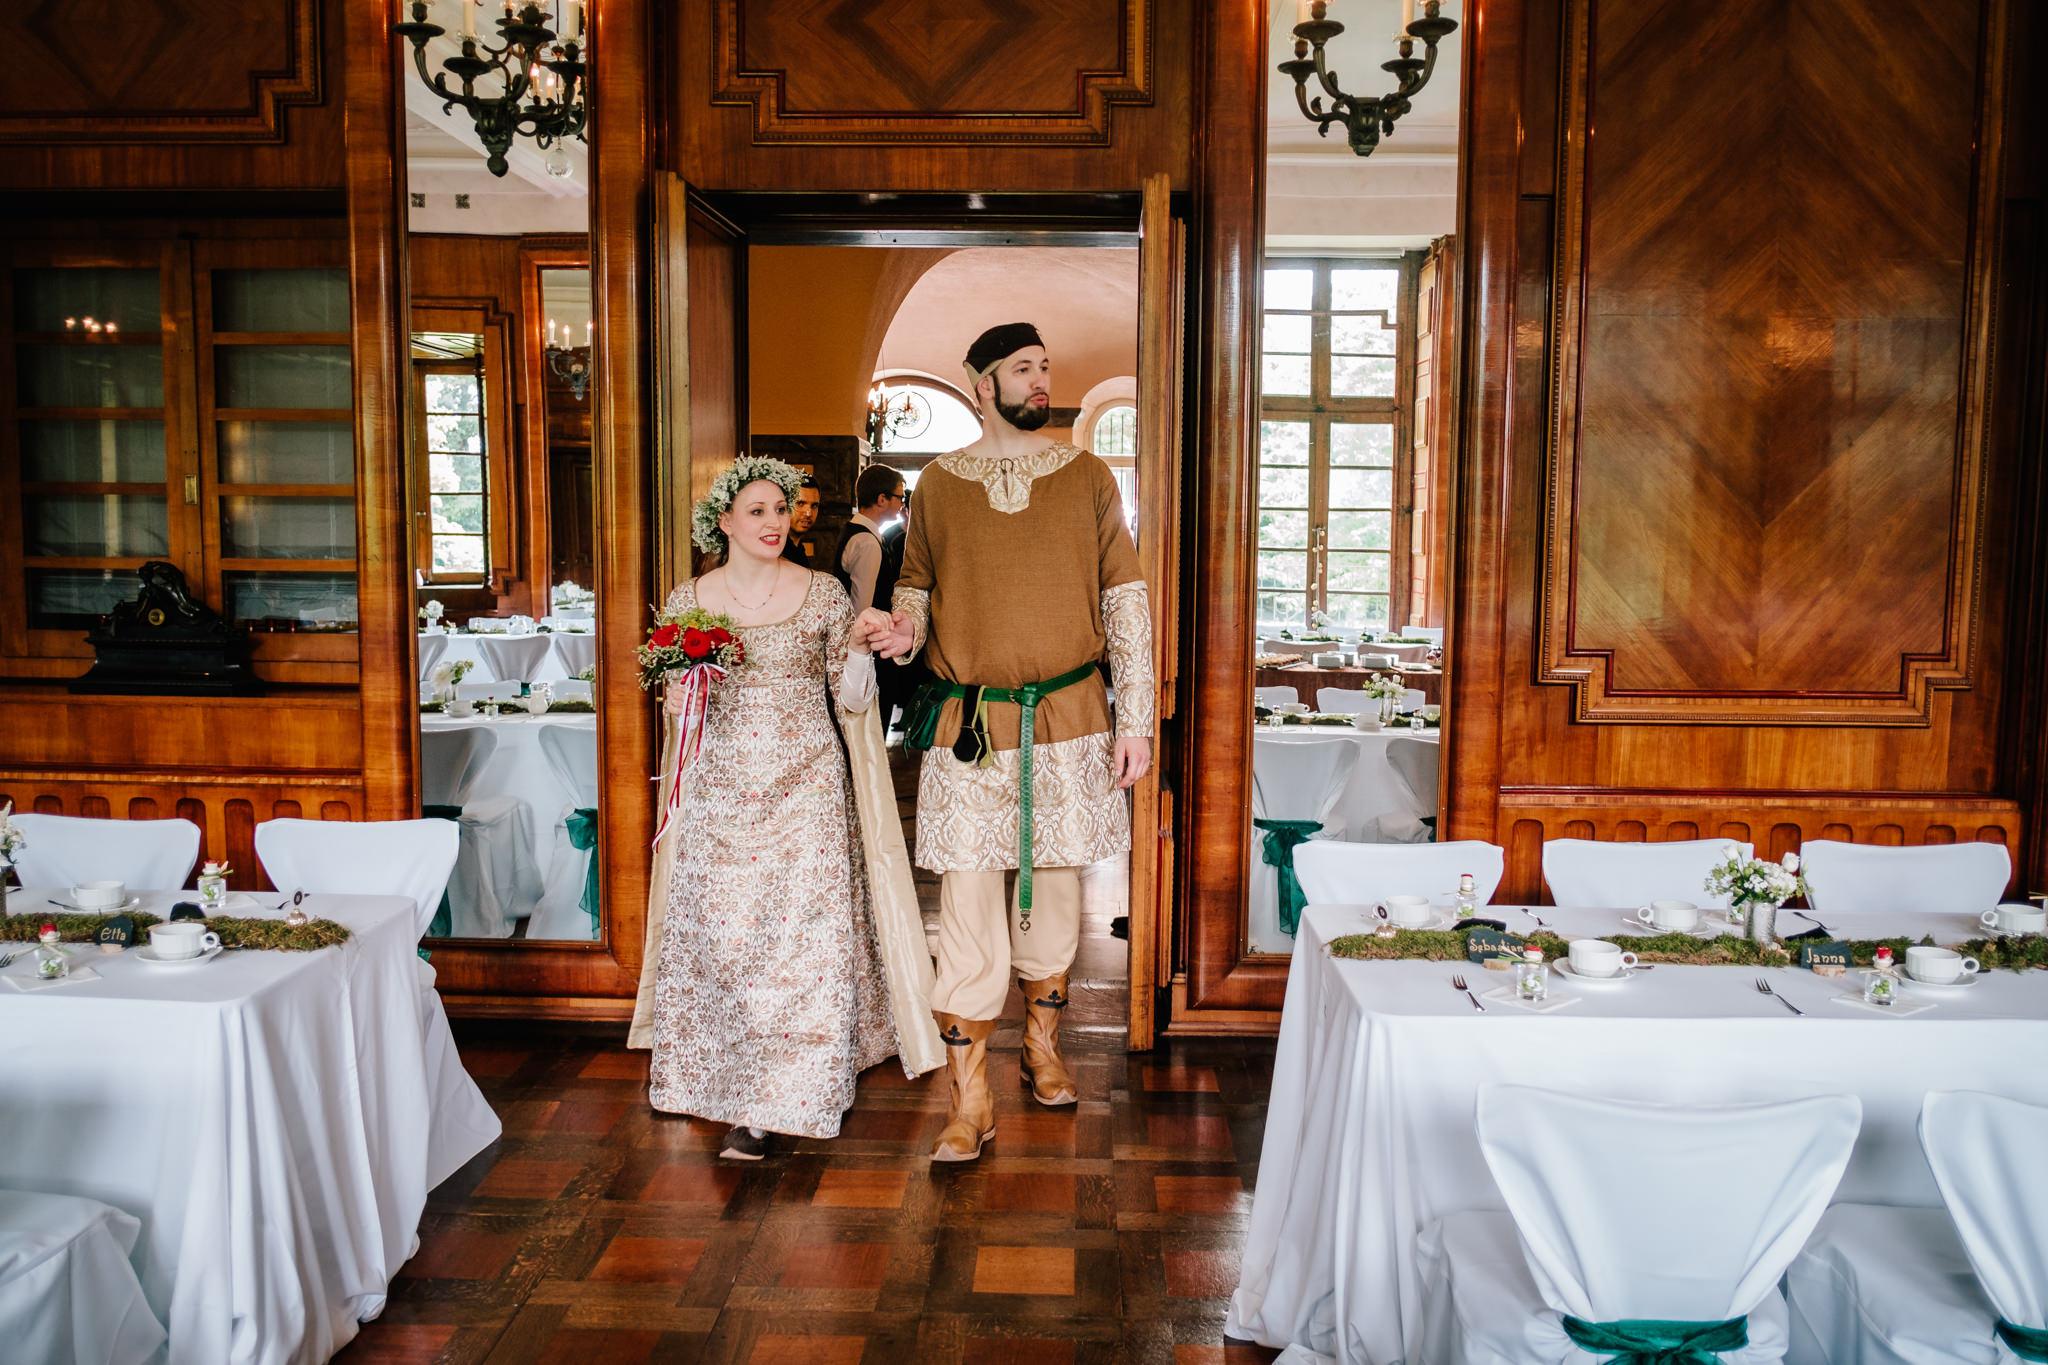 Hochzeit Burg Namedy Andernach 54 Authentic Stories